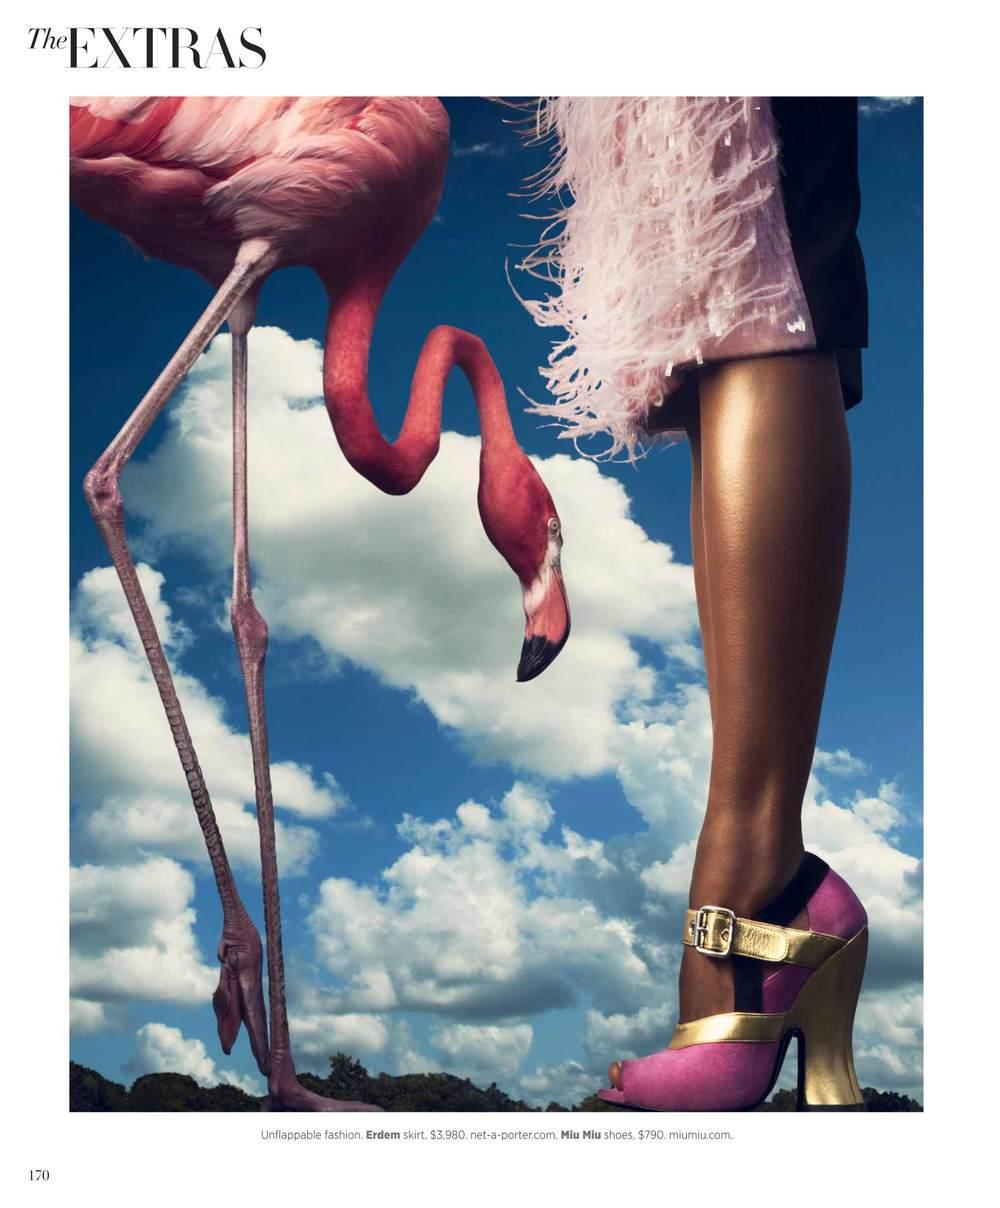 Melodie-Monrose-by-Dan-Forbes-for-Harpers-Bazaar-US-November-2013-2.jpg